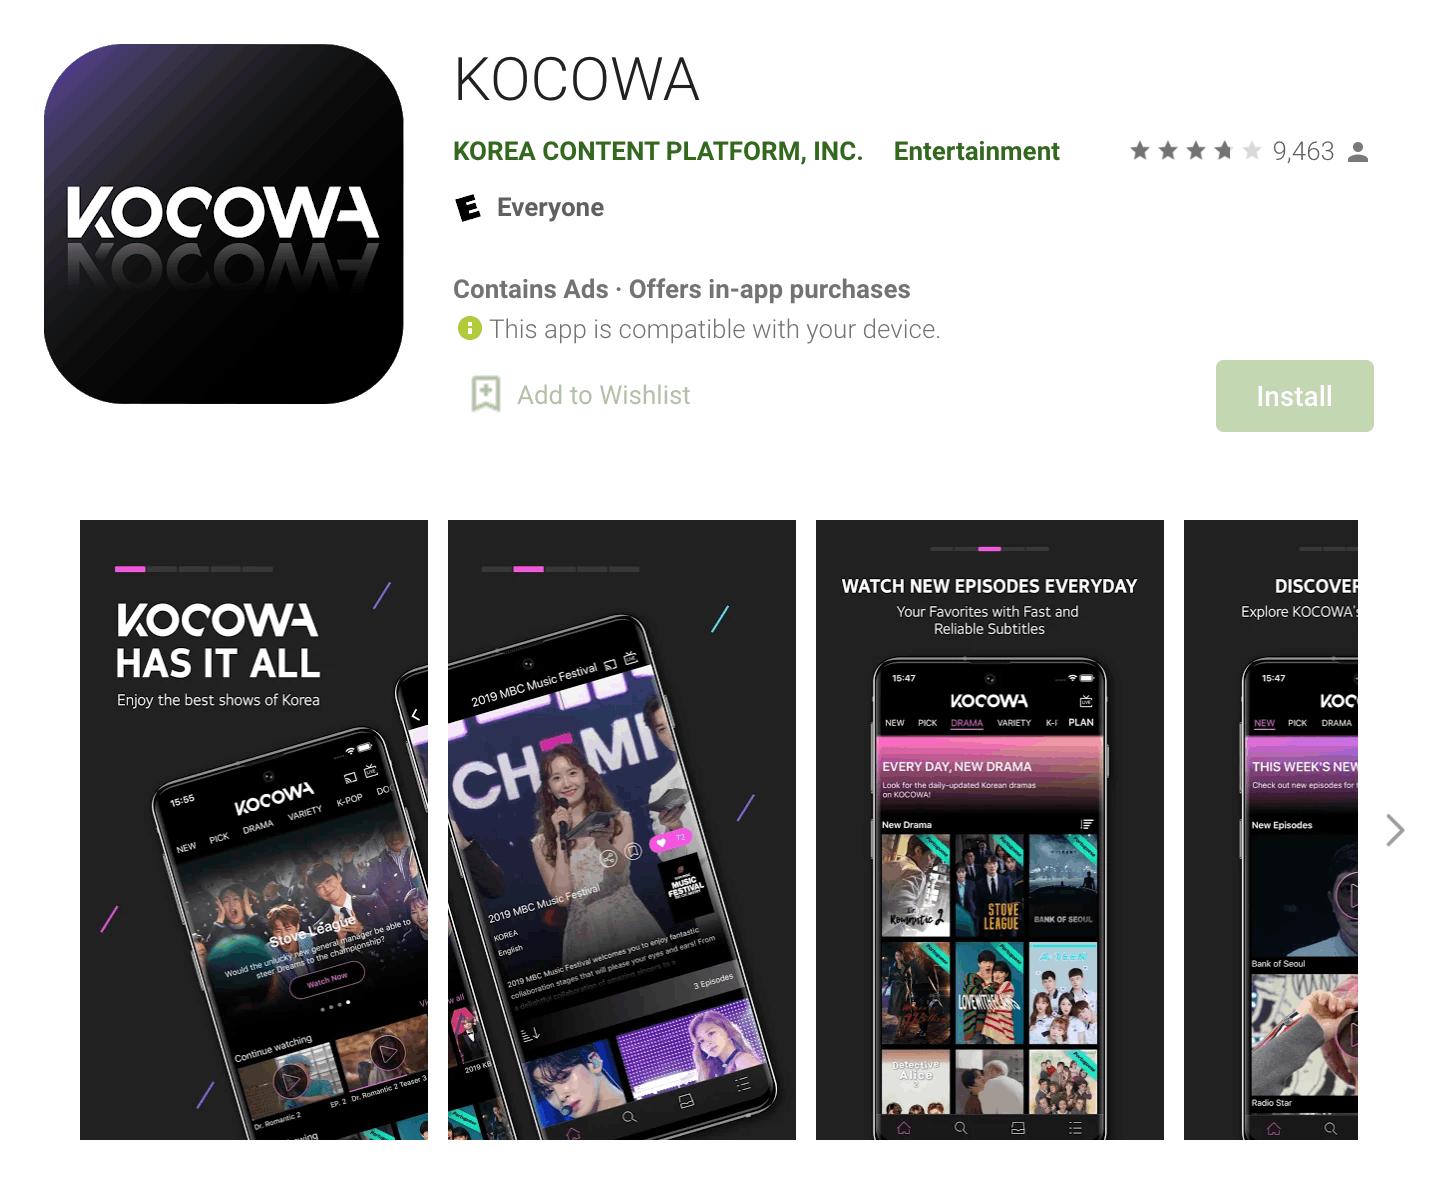 KOCOWA - Enjoy the Best Shows